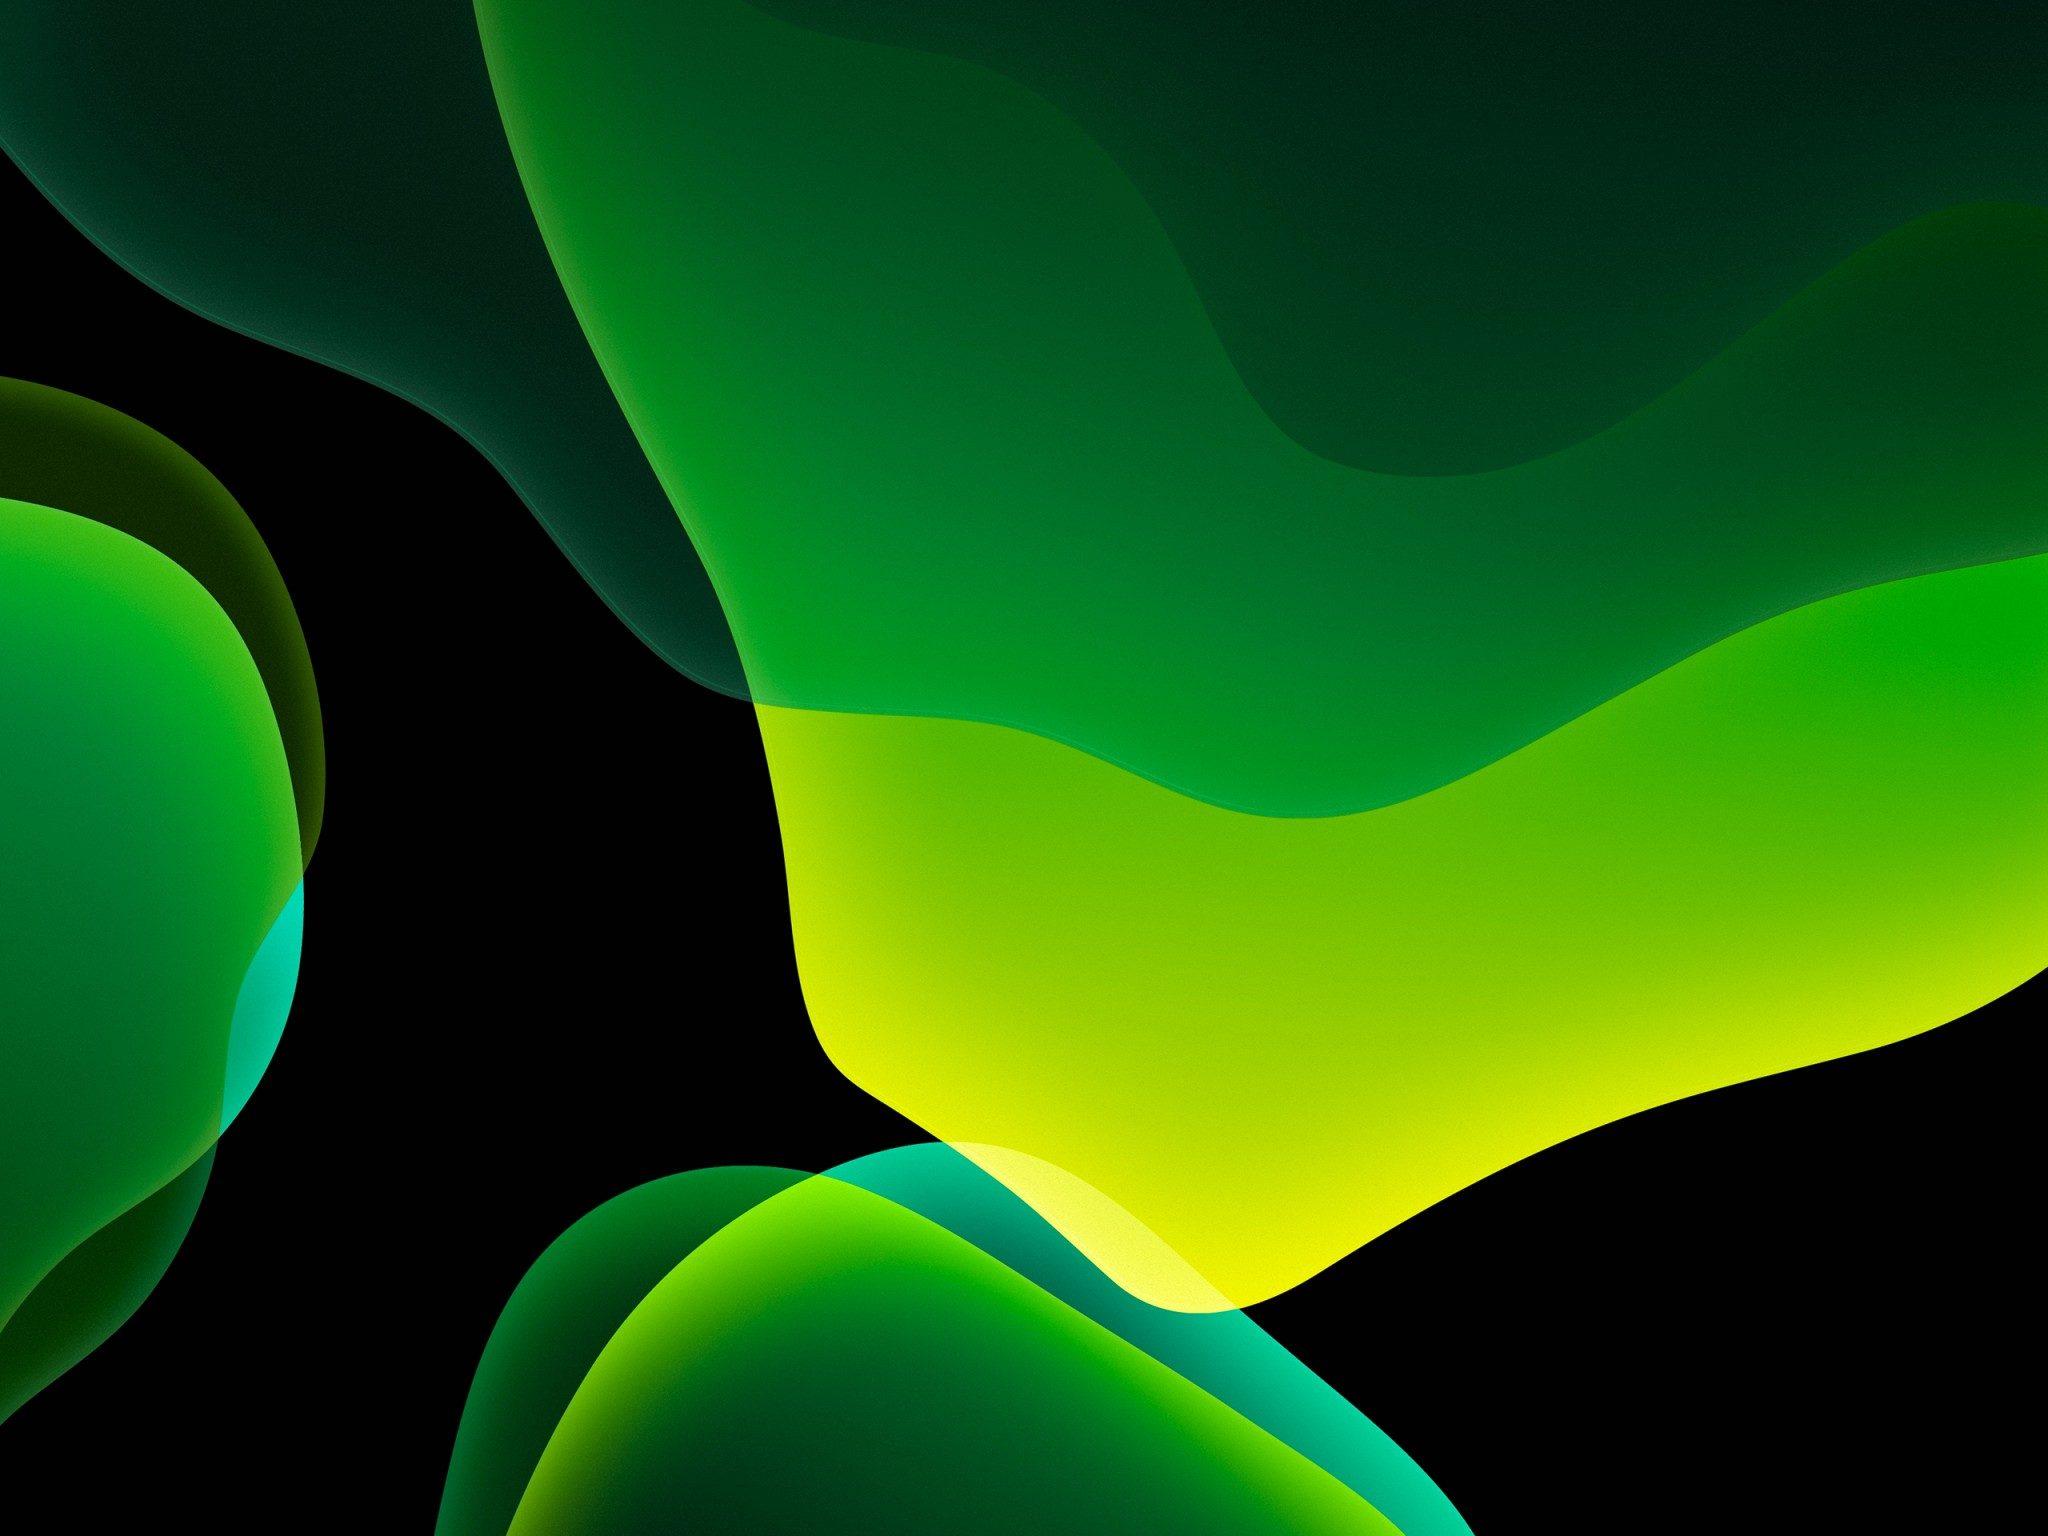 Ios 13 Wallpaper Green Dark , HD Wallpaper & Backgrounds